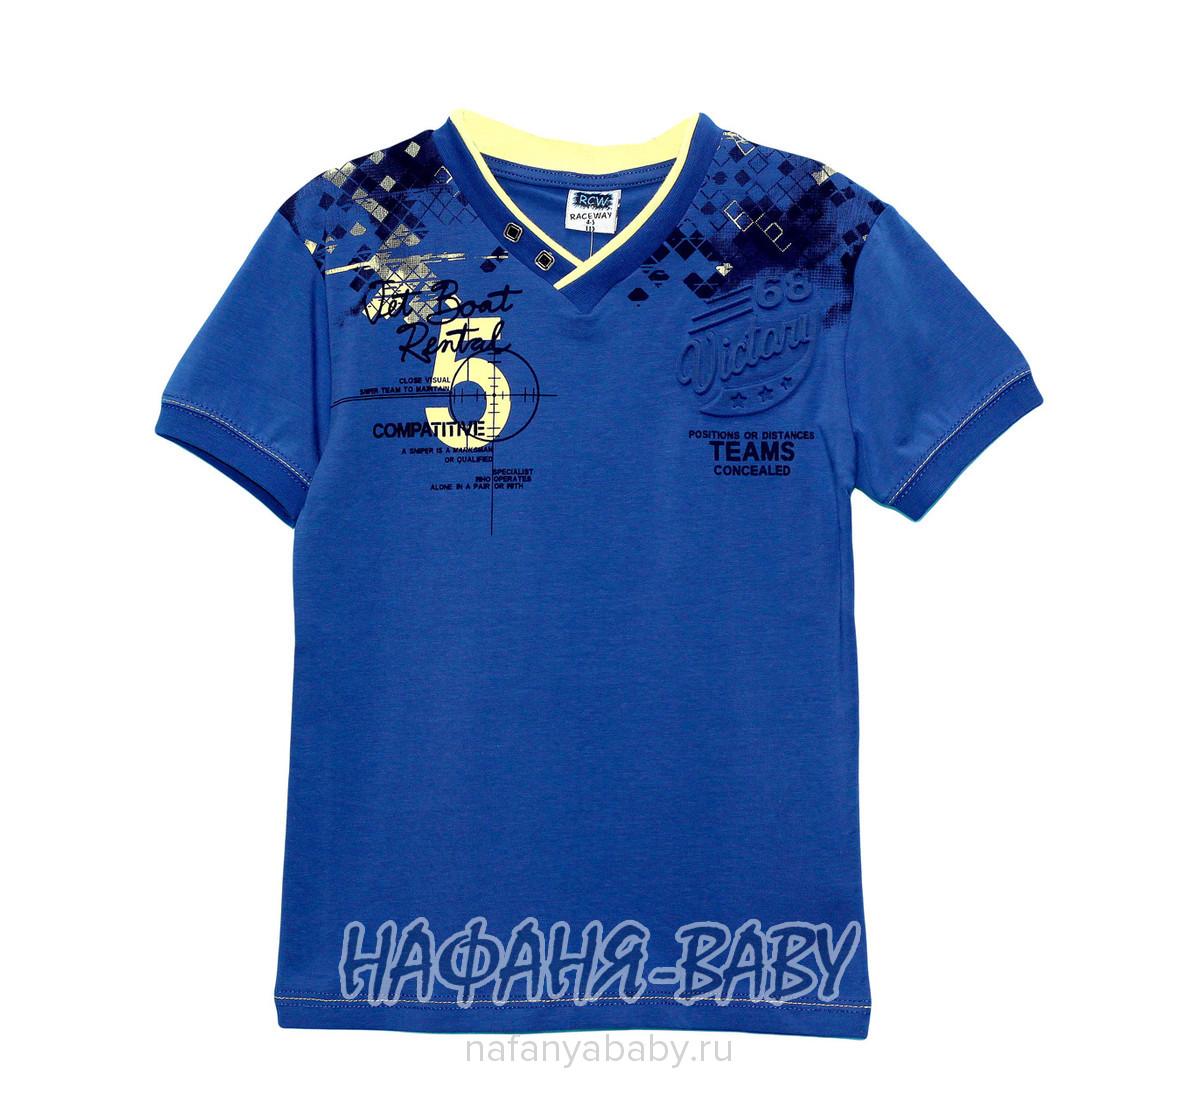 Детская футболка RCW арт: 5476, 5-9 лет, оптом Турция